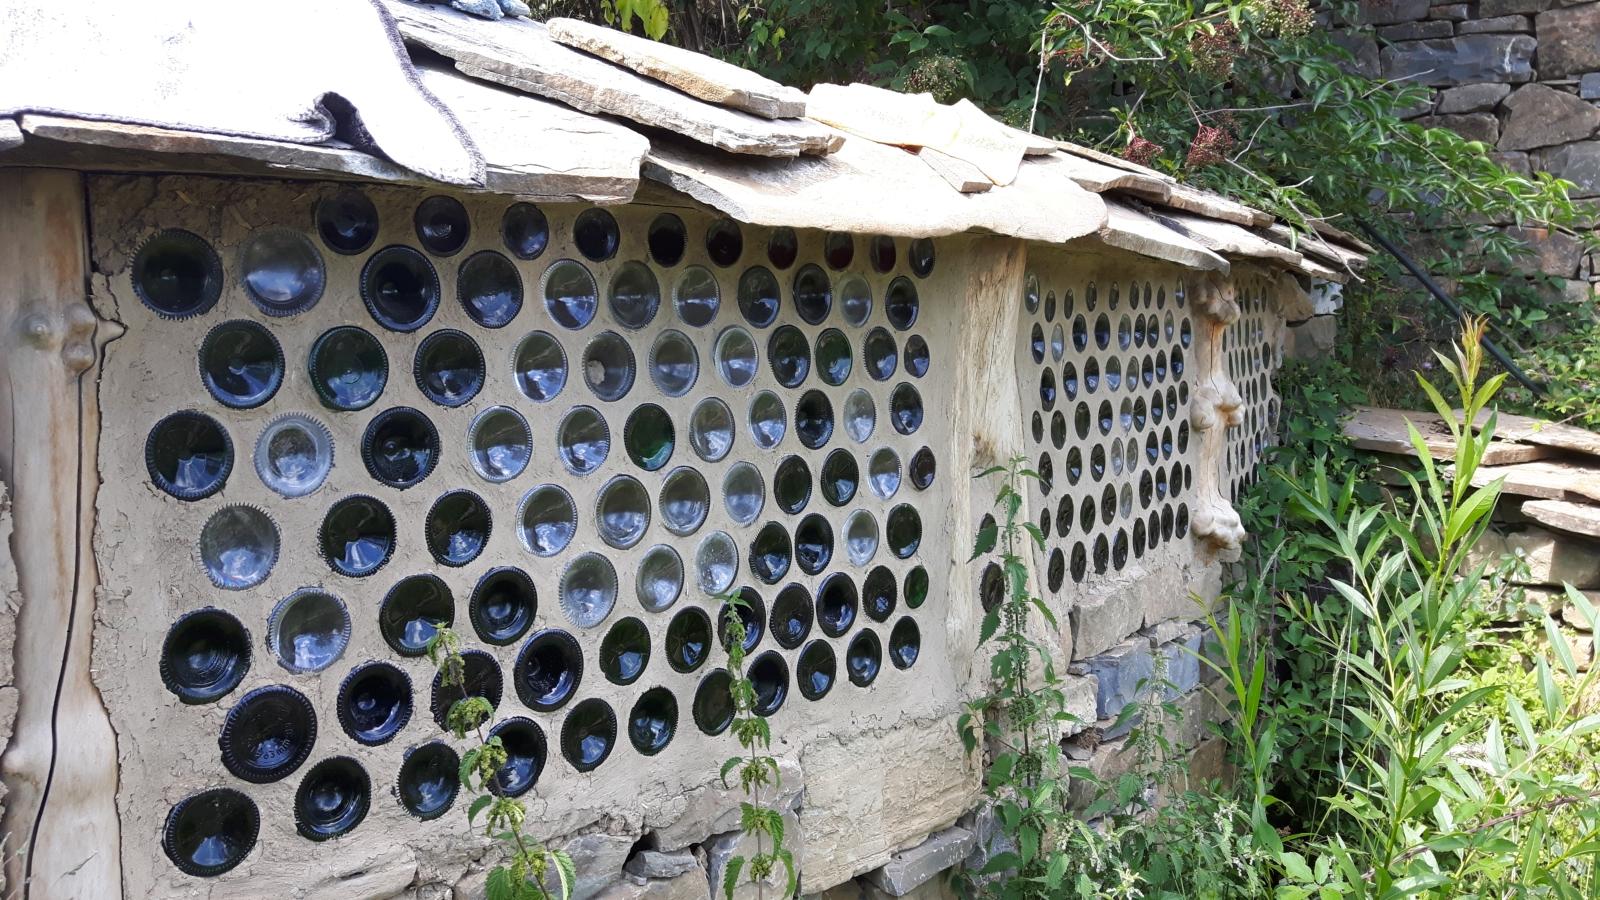 Begehbare Dusche aus leeren Flaschen.